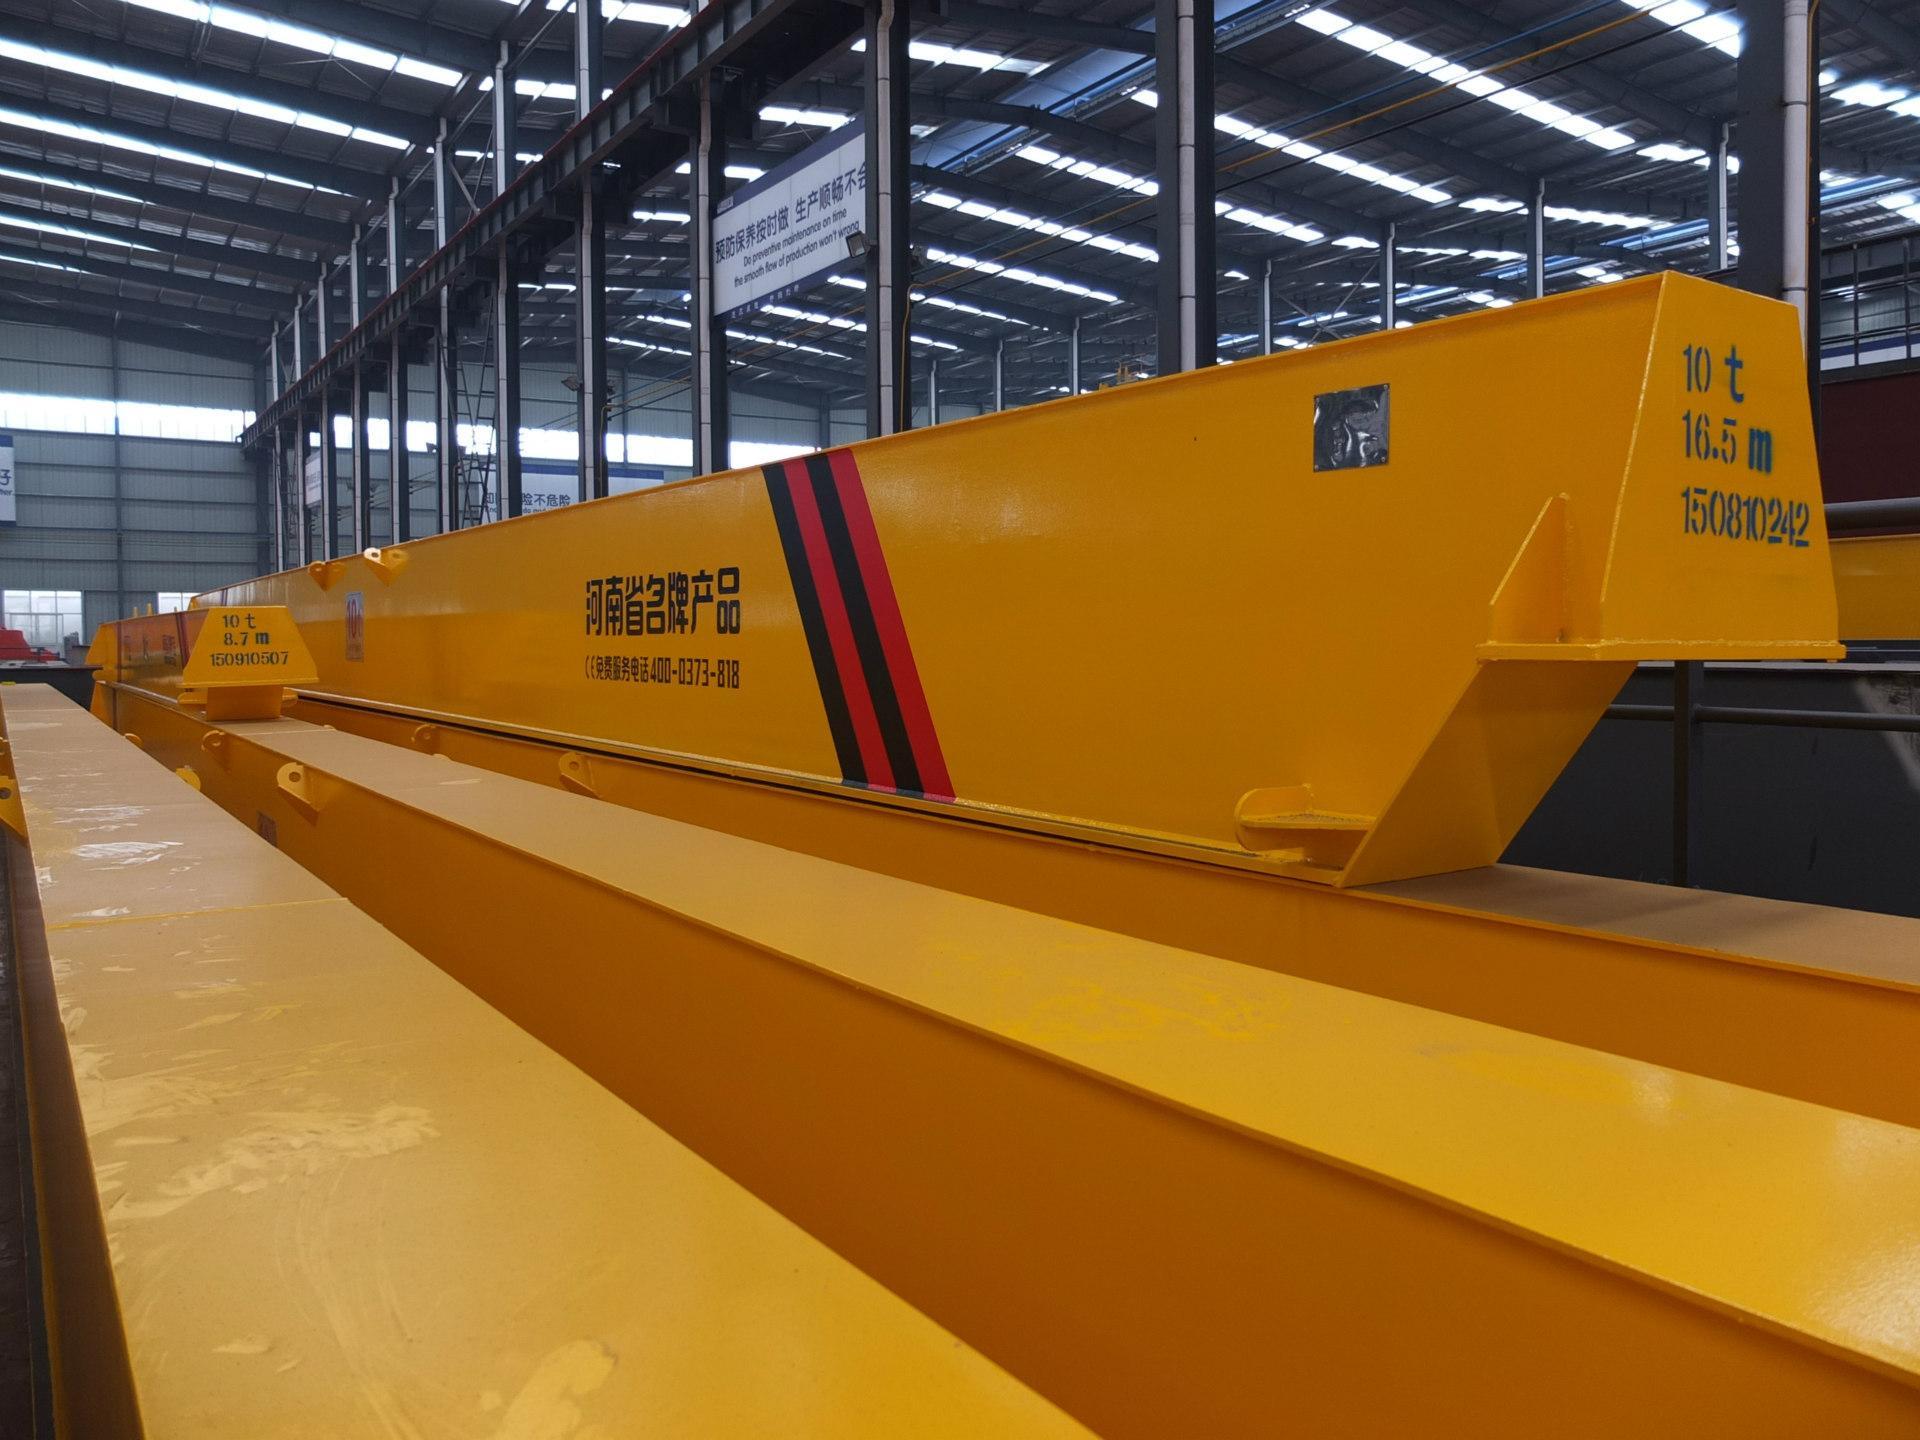 10噸27米電動單梁起重機 LD單梁起重機河南礦山 1